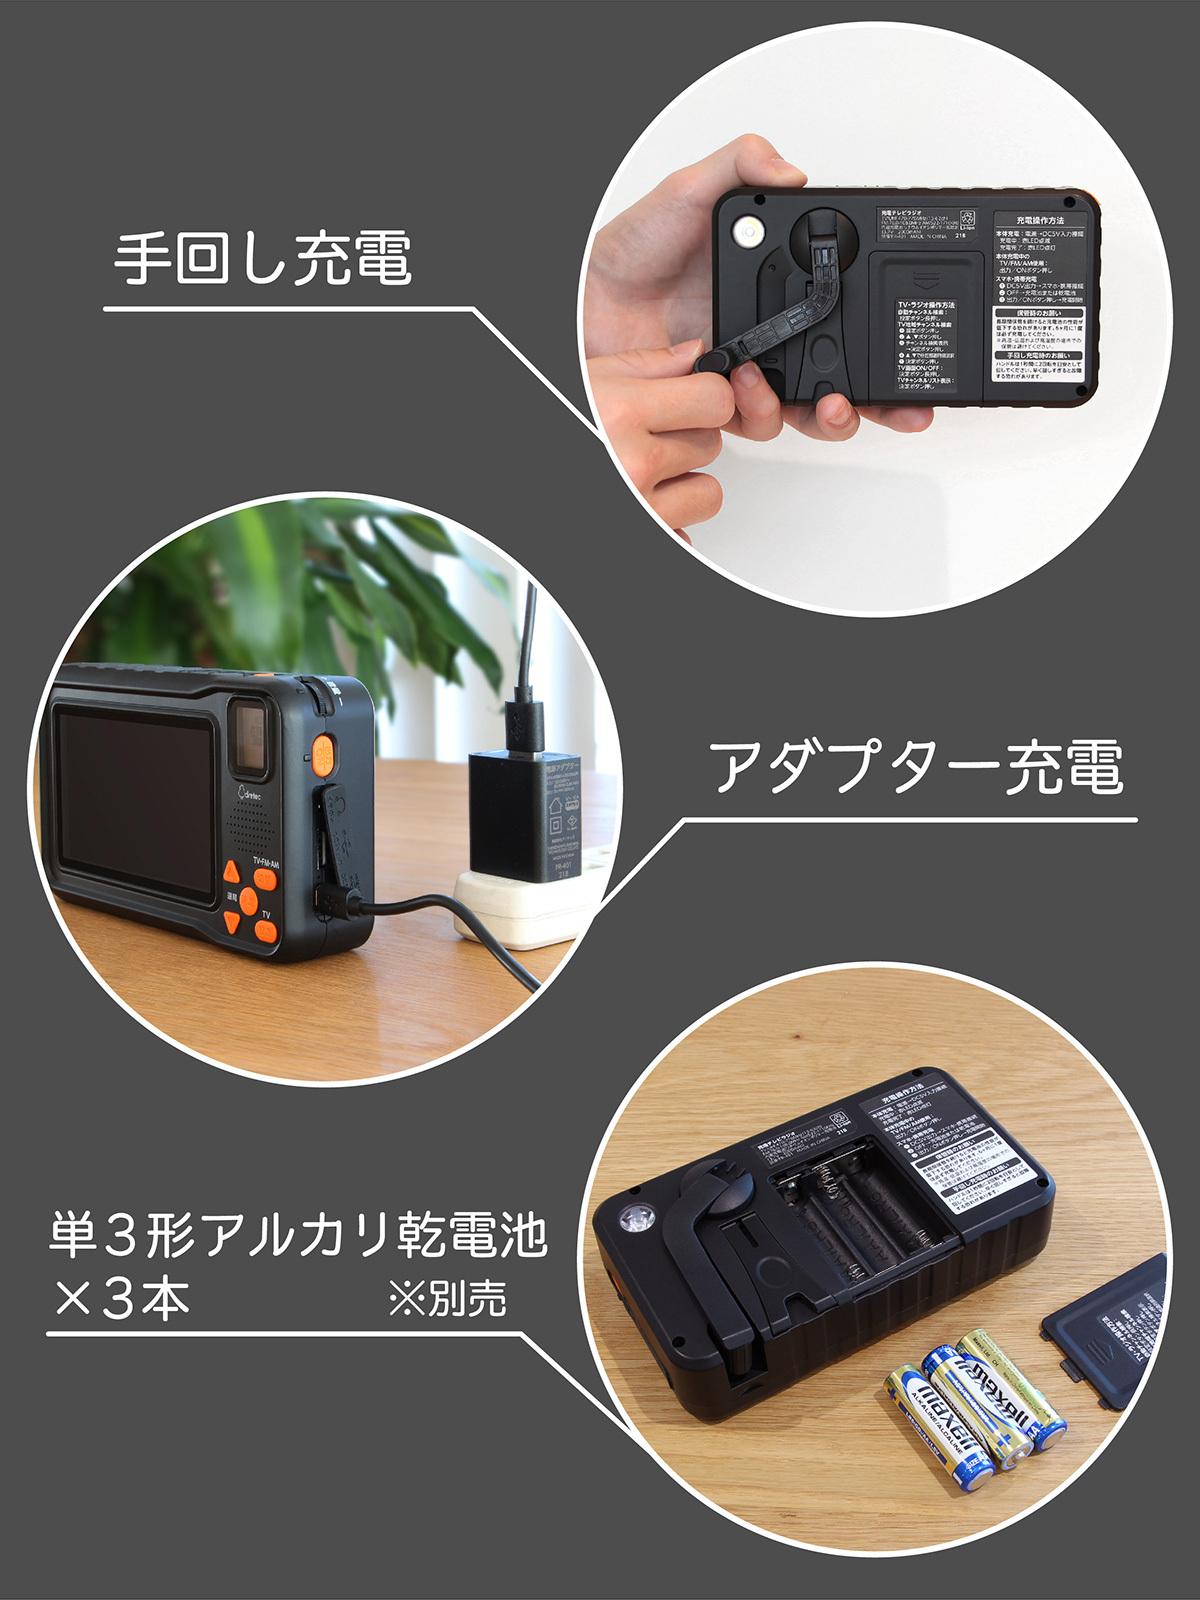 【266019】充電テレビラジオ